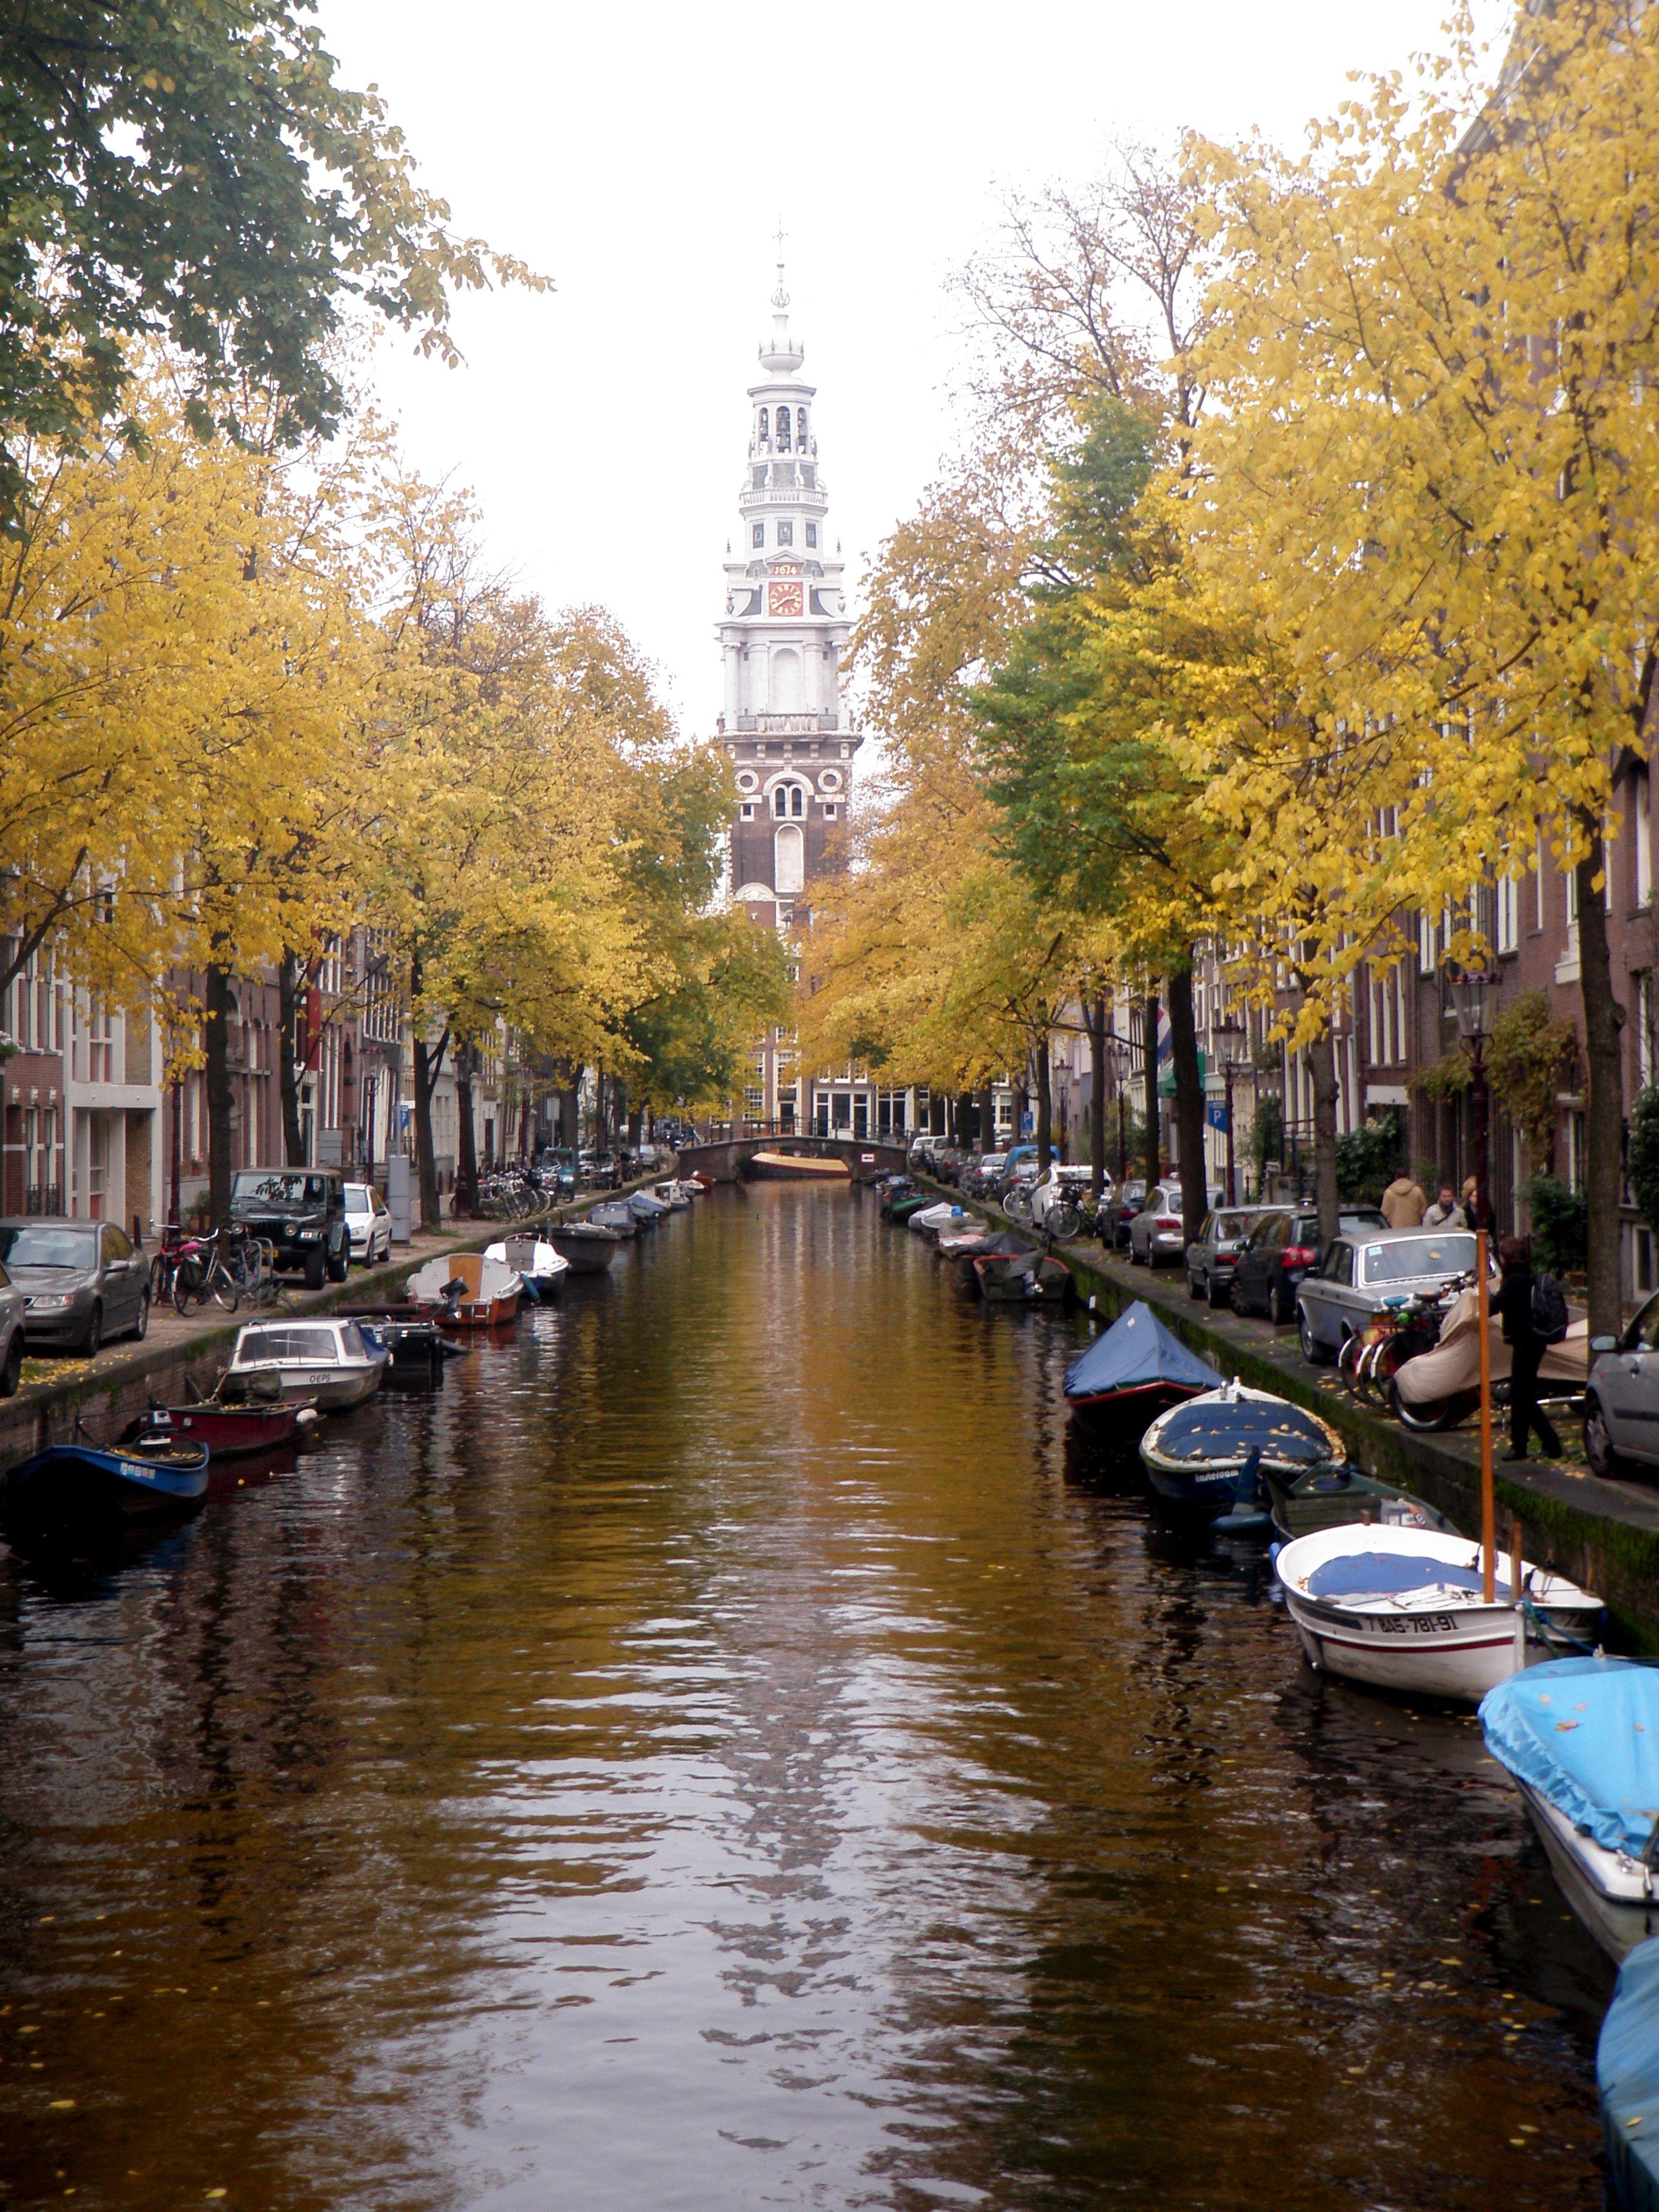 Geräumig Amsterdam Interessante Orte Referenz Von Amsterdam, Netherlands